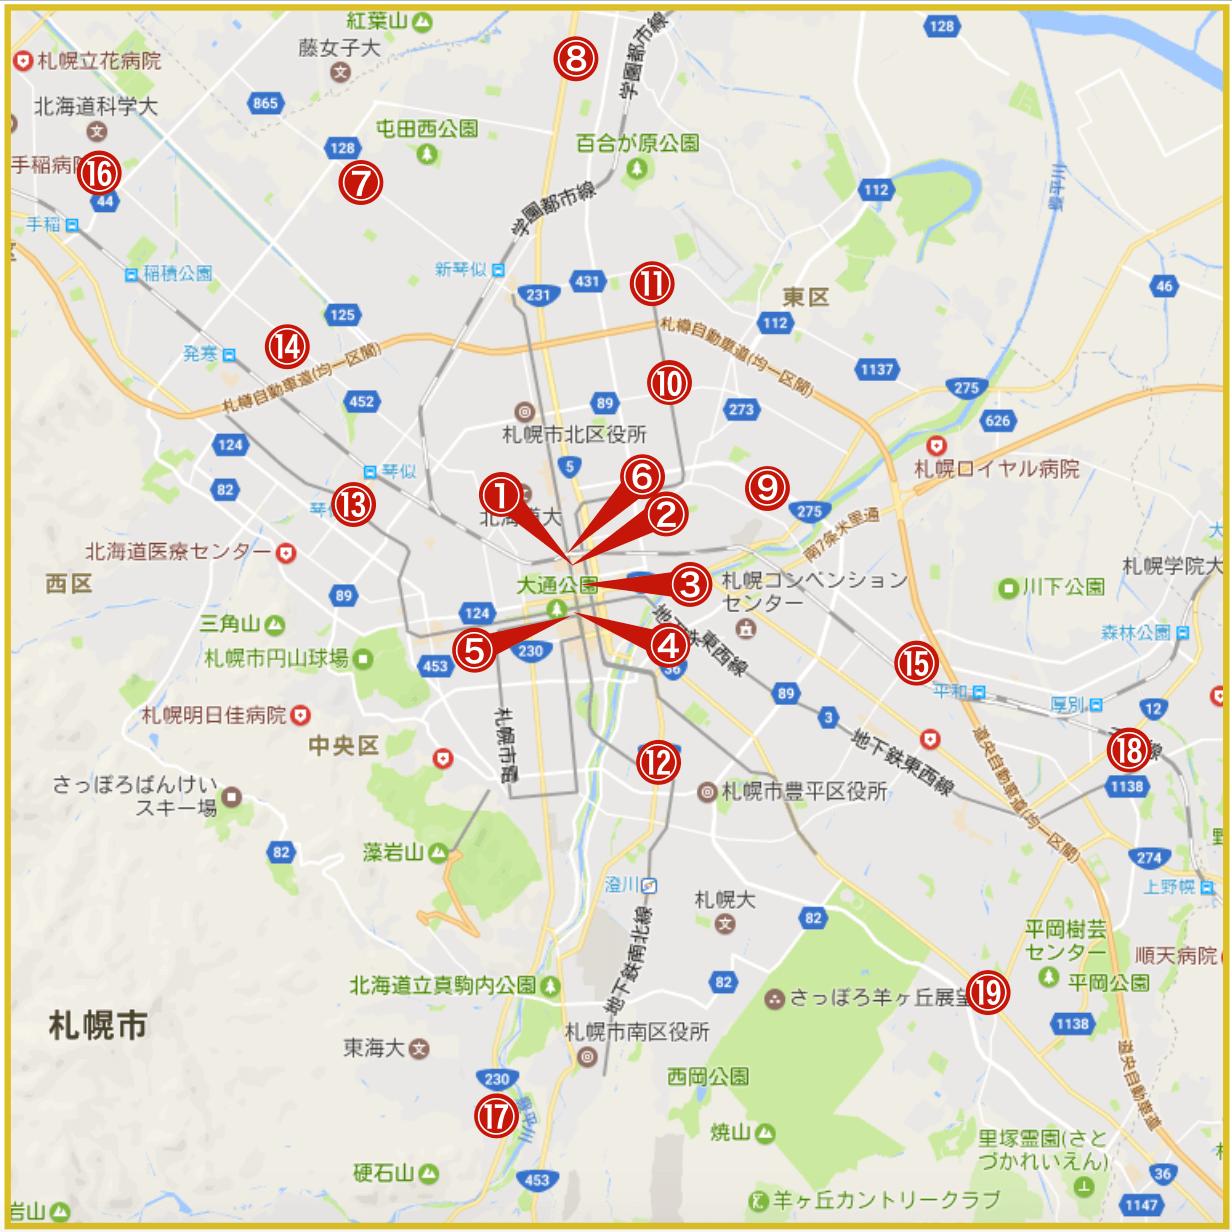 札幌市にあるアコム店舗・ATMの位置(2019年11月版)